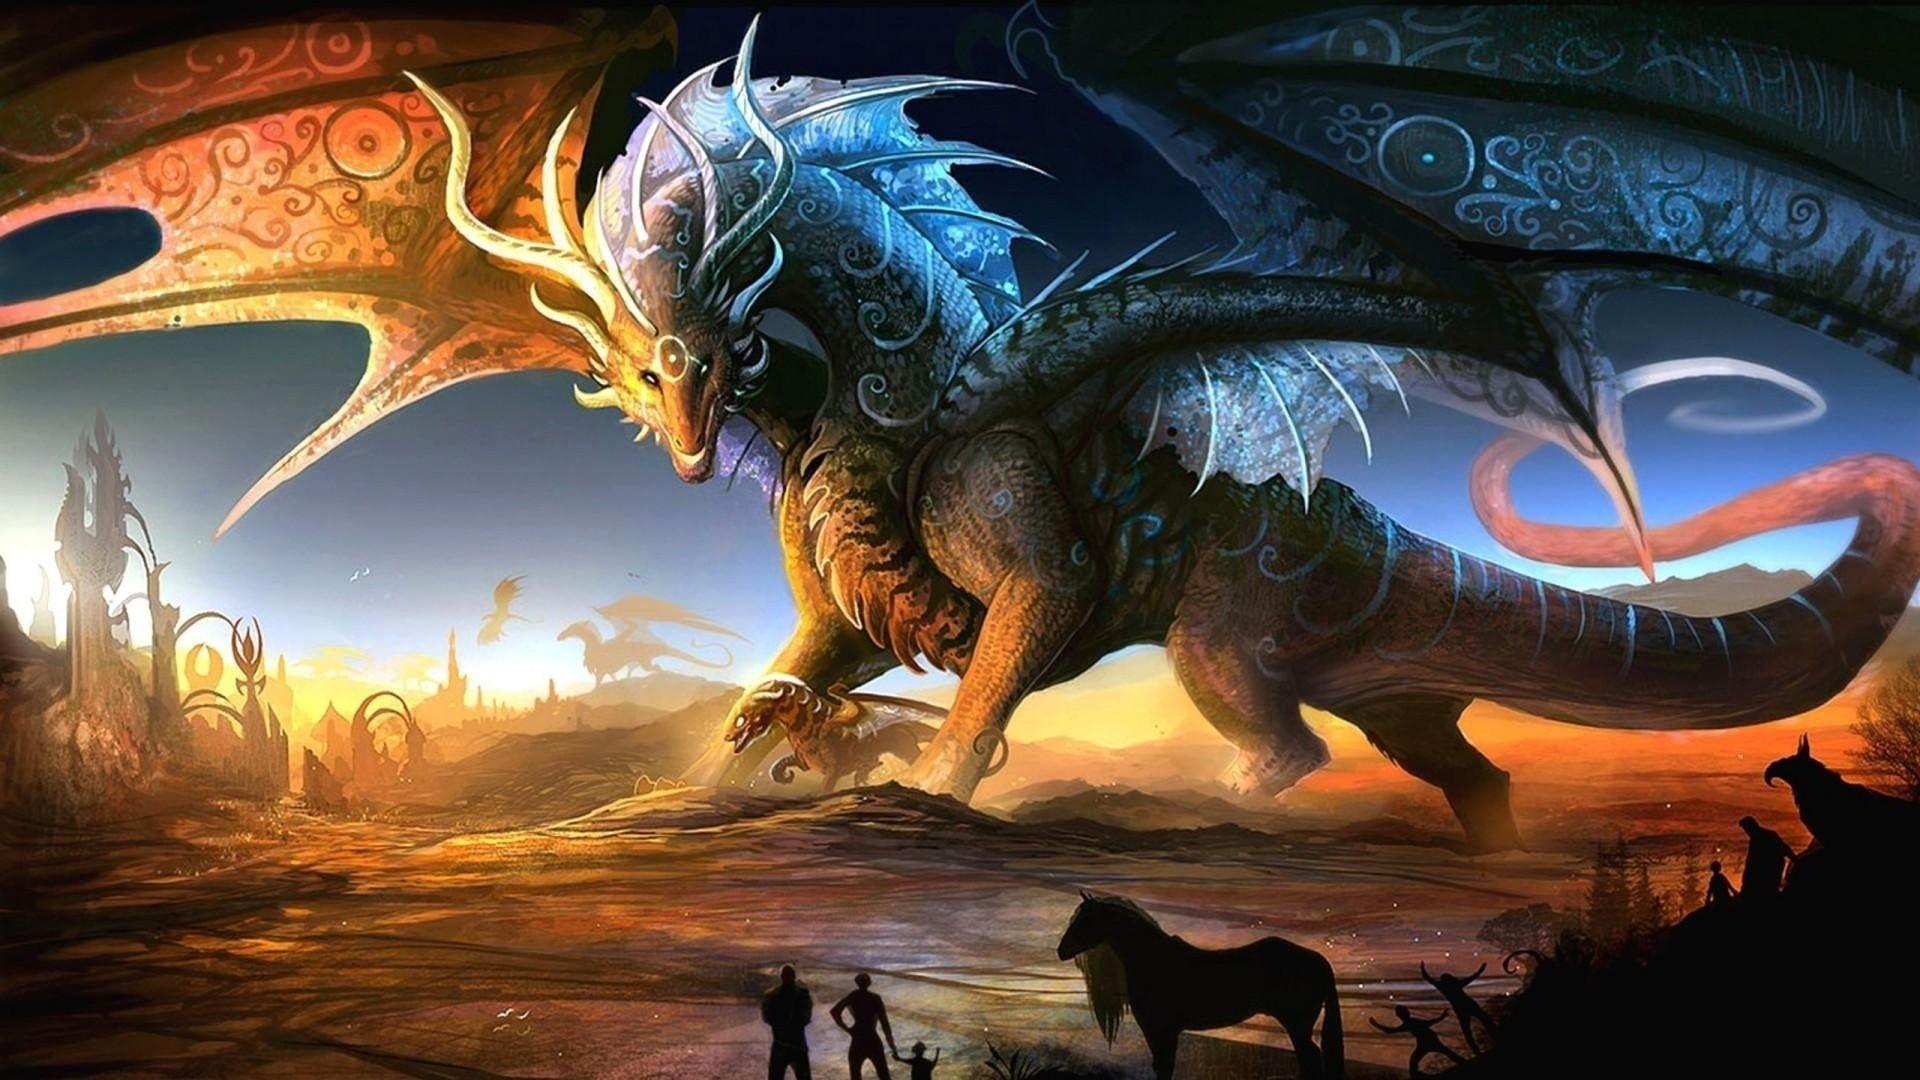 Brown Dragon Wallpaper Dragon Horse Men Fantasy Art Wings Artwork 1080p Wallpaper Hdwallpaper Desktop Fantasy Dragon Fantasy Art Anime Wallpaper